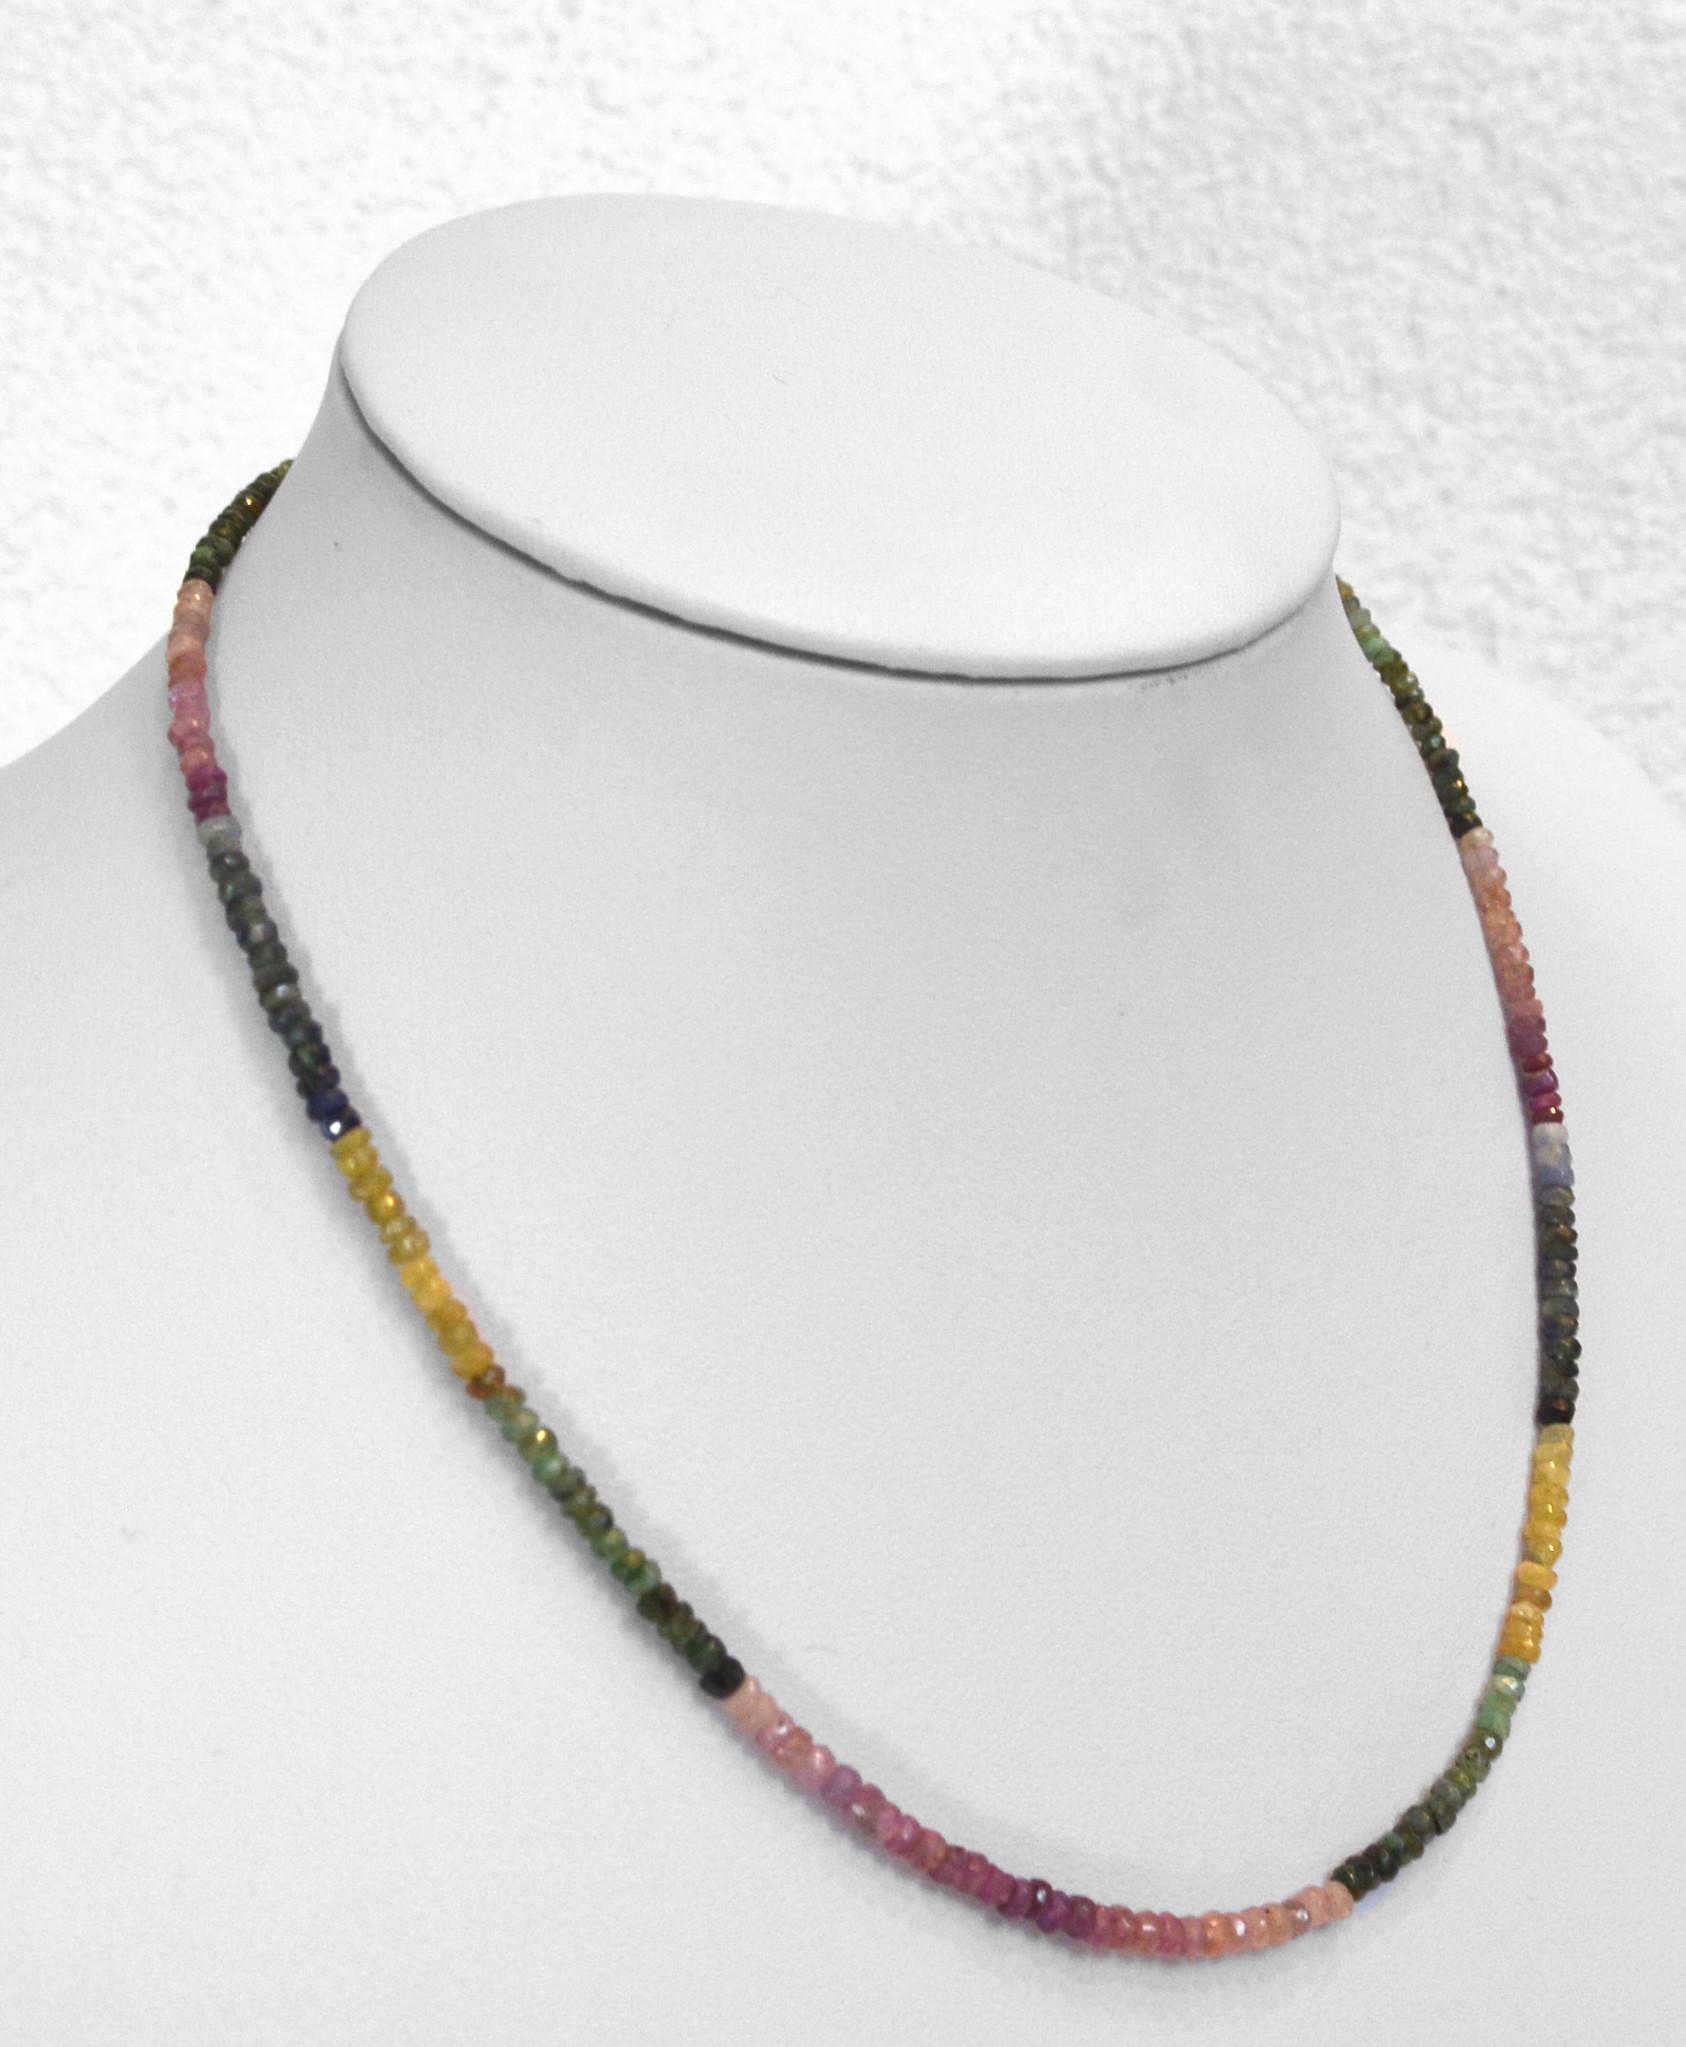 Rubin Saphir Smaragd Kugelkette facettiert ca. 45 cm